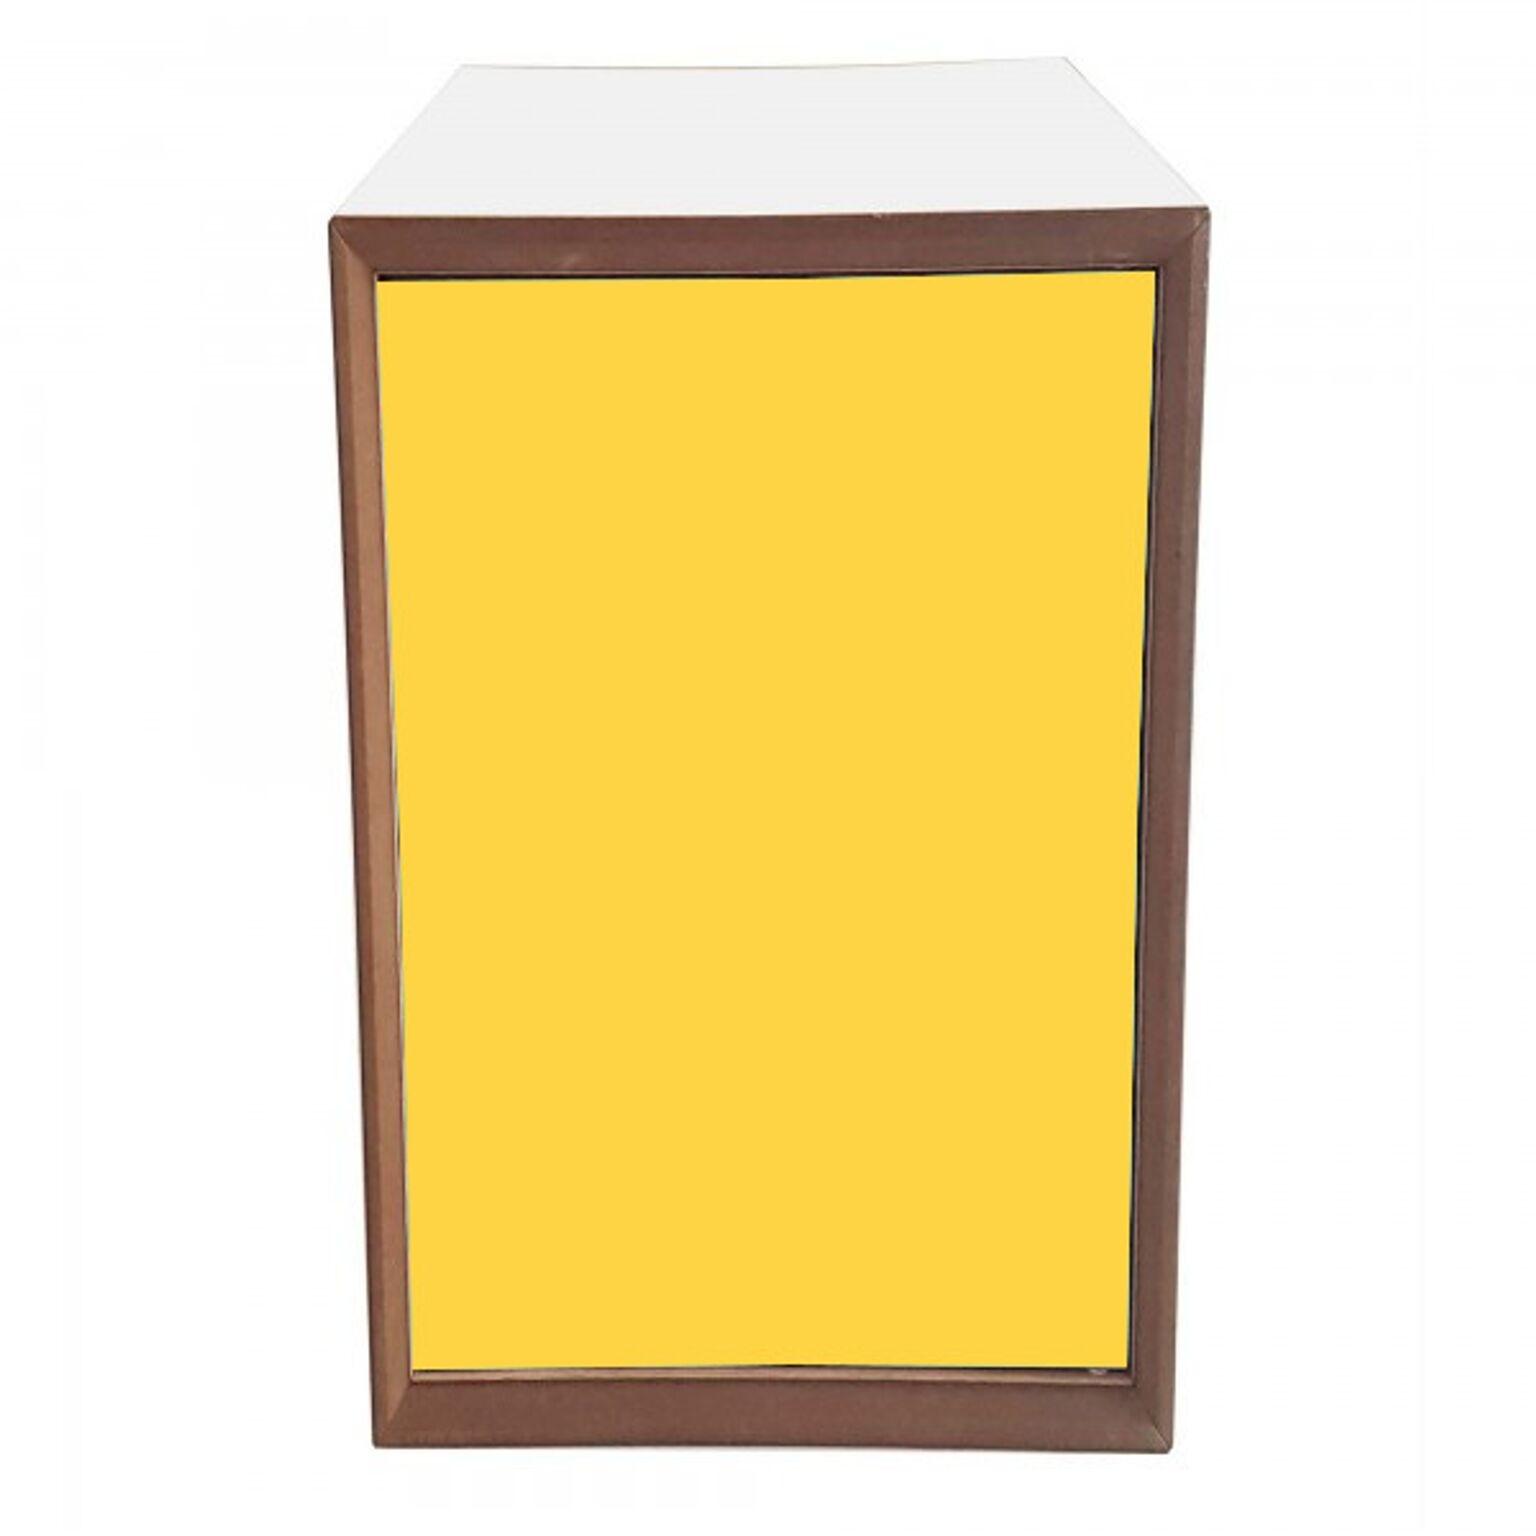 Dulap modular Pixel Yellow / White l40xA40xH80 cm